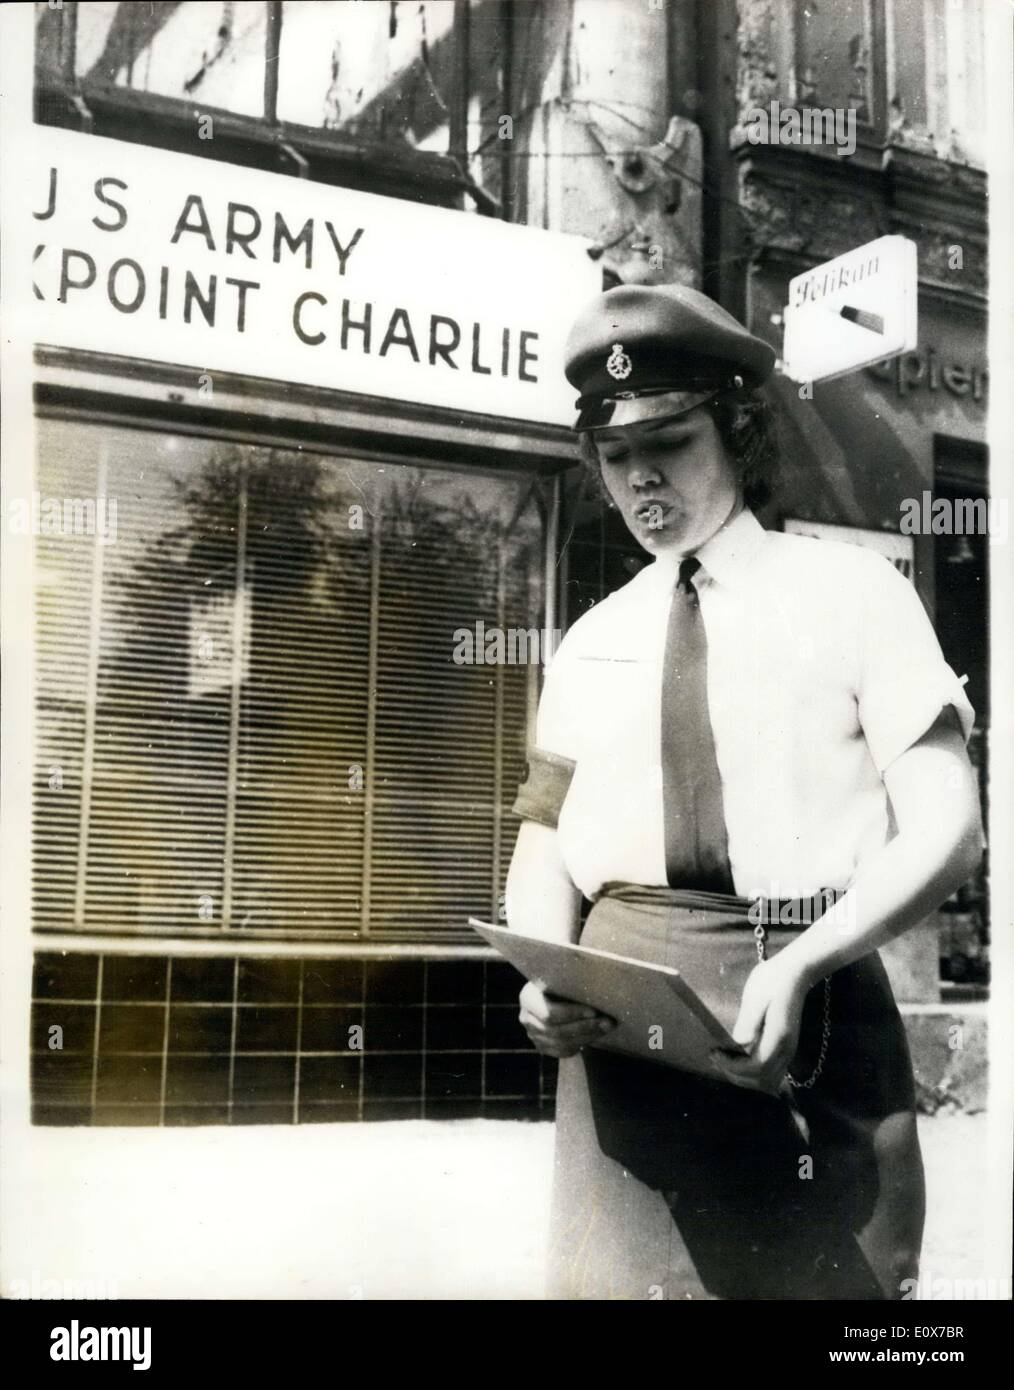 Agosto 26, 1965 - British Servicio Mujeres de servicio. En Checkpoint Charlie: Servicio británico de mujeres se han sumado a los soldados americanos y franceses - de guardia en el punto fronterizo de Checkpoint Charlie, en Berlín. Muestra fotográfica: Cpl. Phyllis Lucas, retratada en lugares en el Checkpoint Charlie. Imagen De Stock